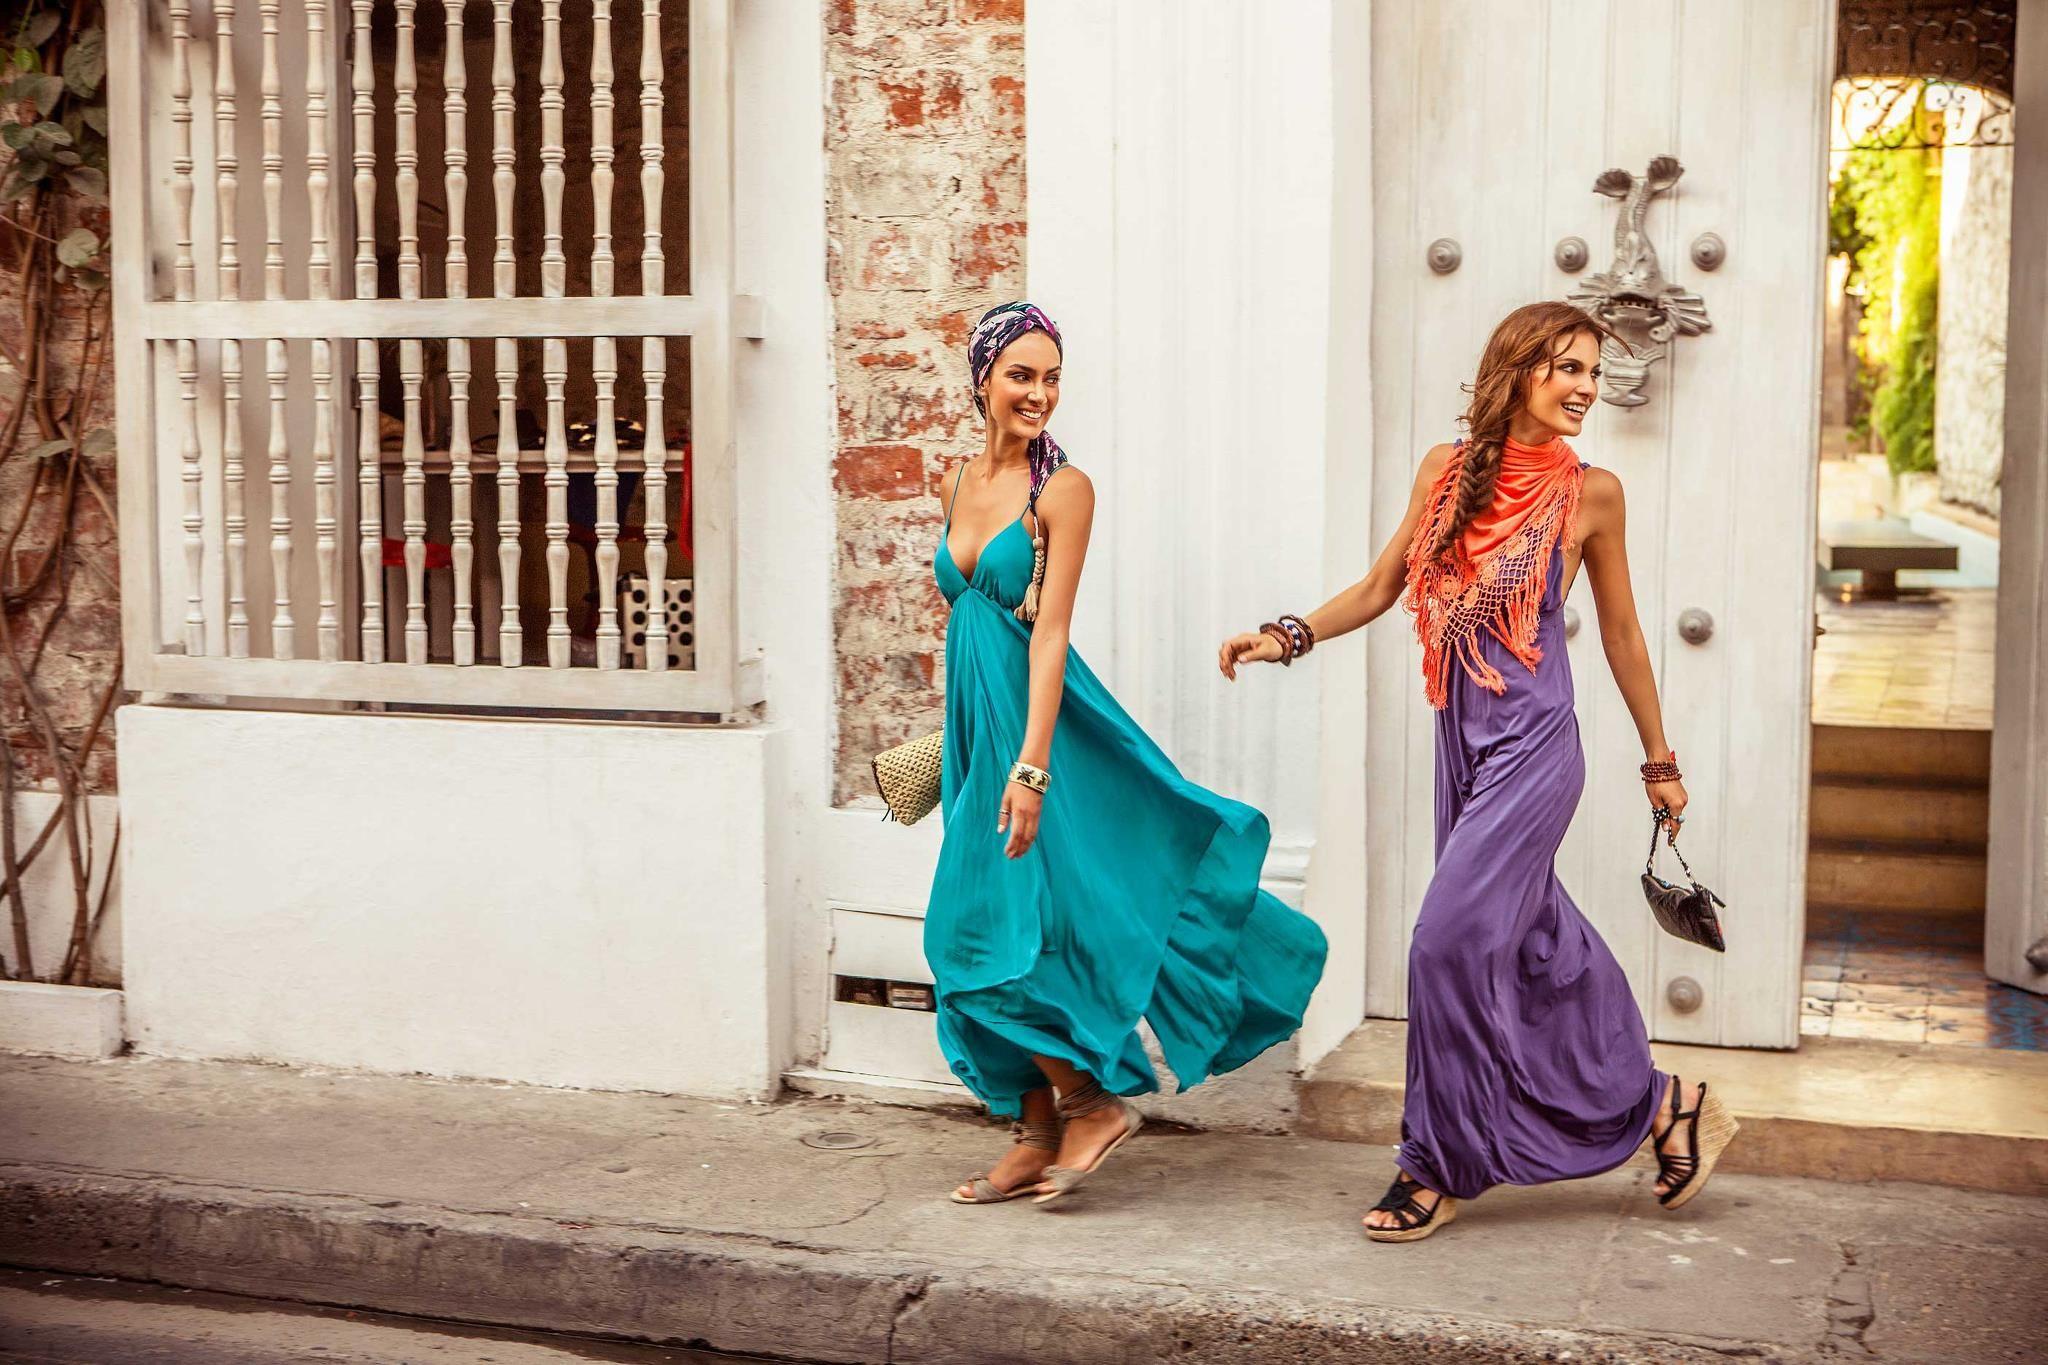 631df49acdf5 Vestidos largos para recorrer el centro histórico - Onda de Mar ...